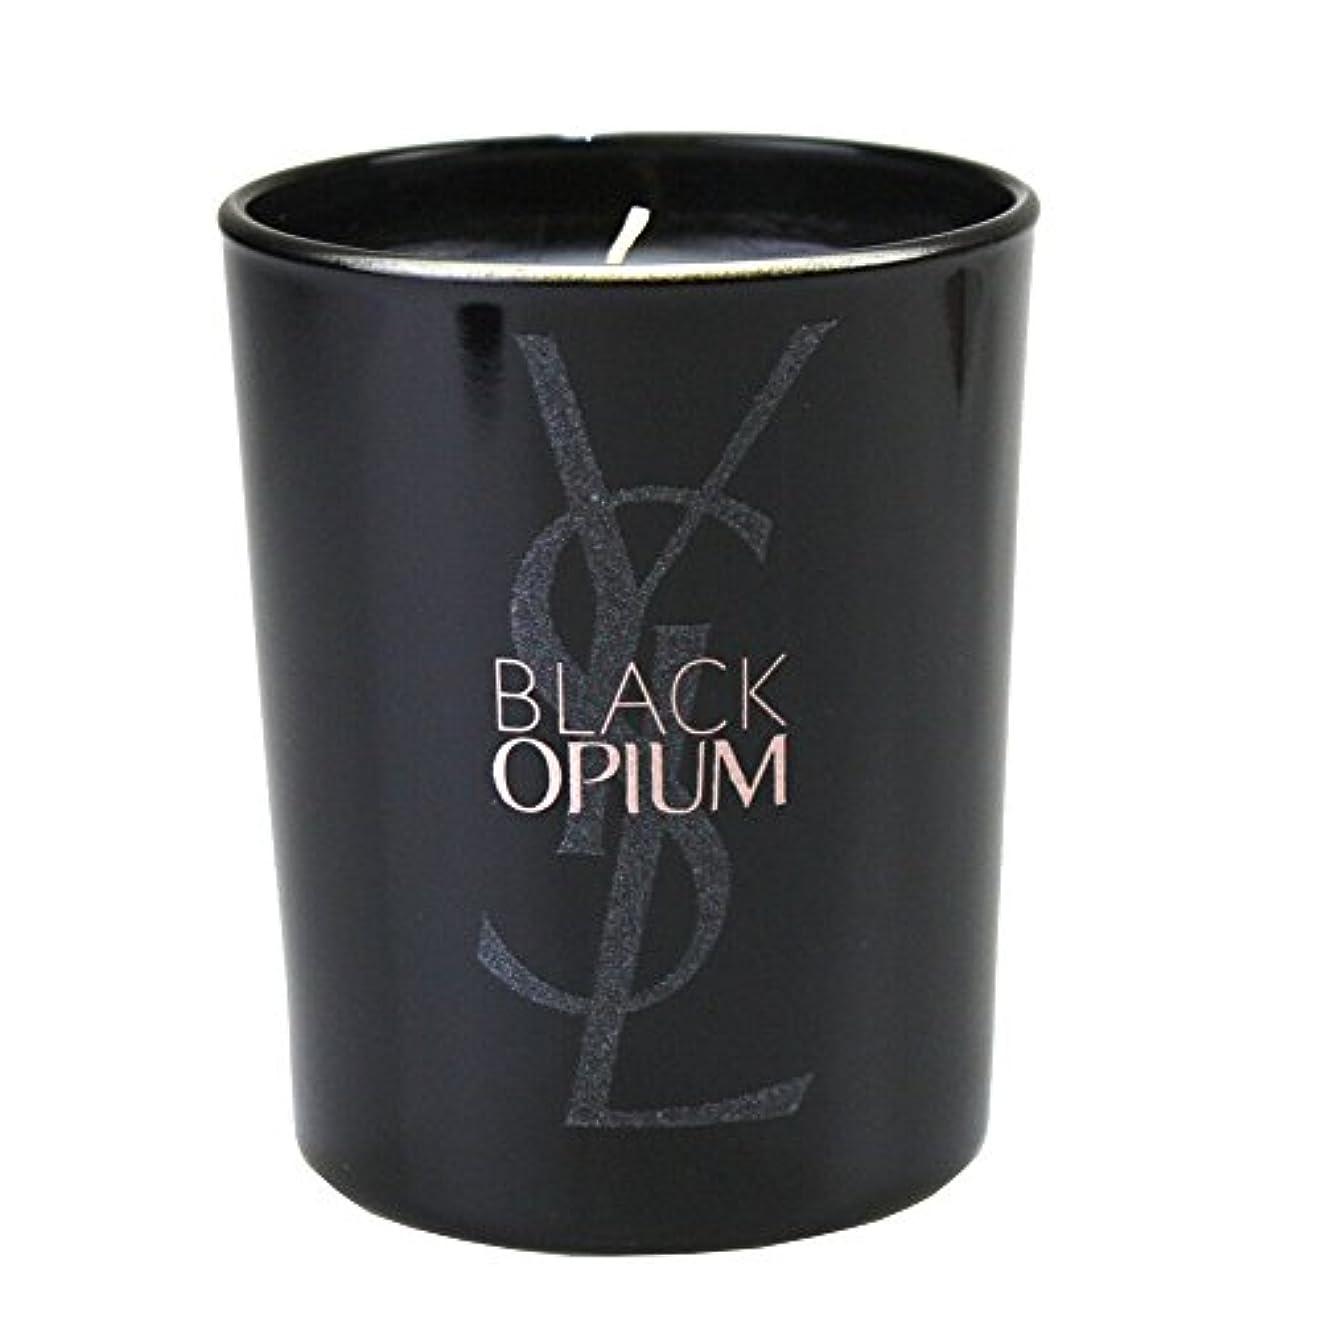 (イヴ サンローラン) Yves saint Laurent アロマキャンドル パリジェンヌ BLACK OPIUM 化粧 メイク コスメ ロゴ 黒 ブラック フルーティー フローラル コーヒー ジャスミンティーペタル